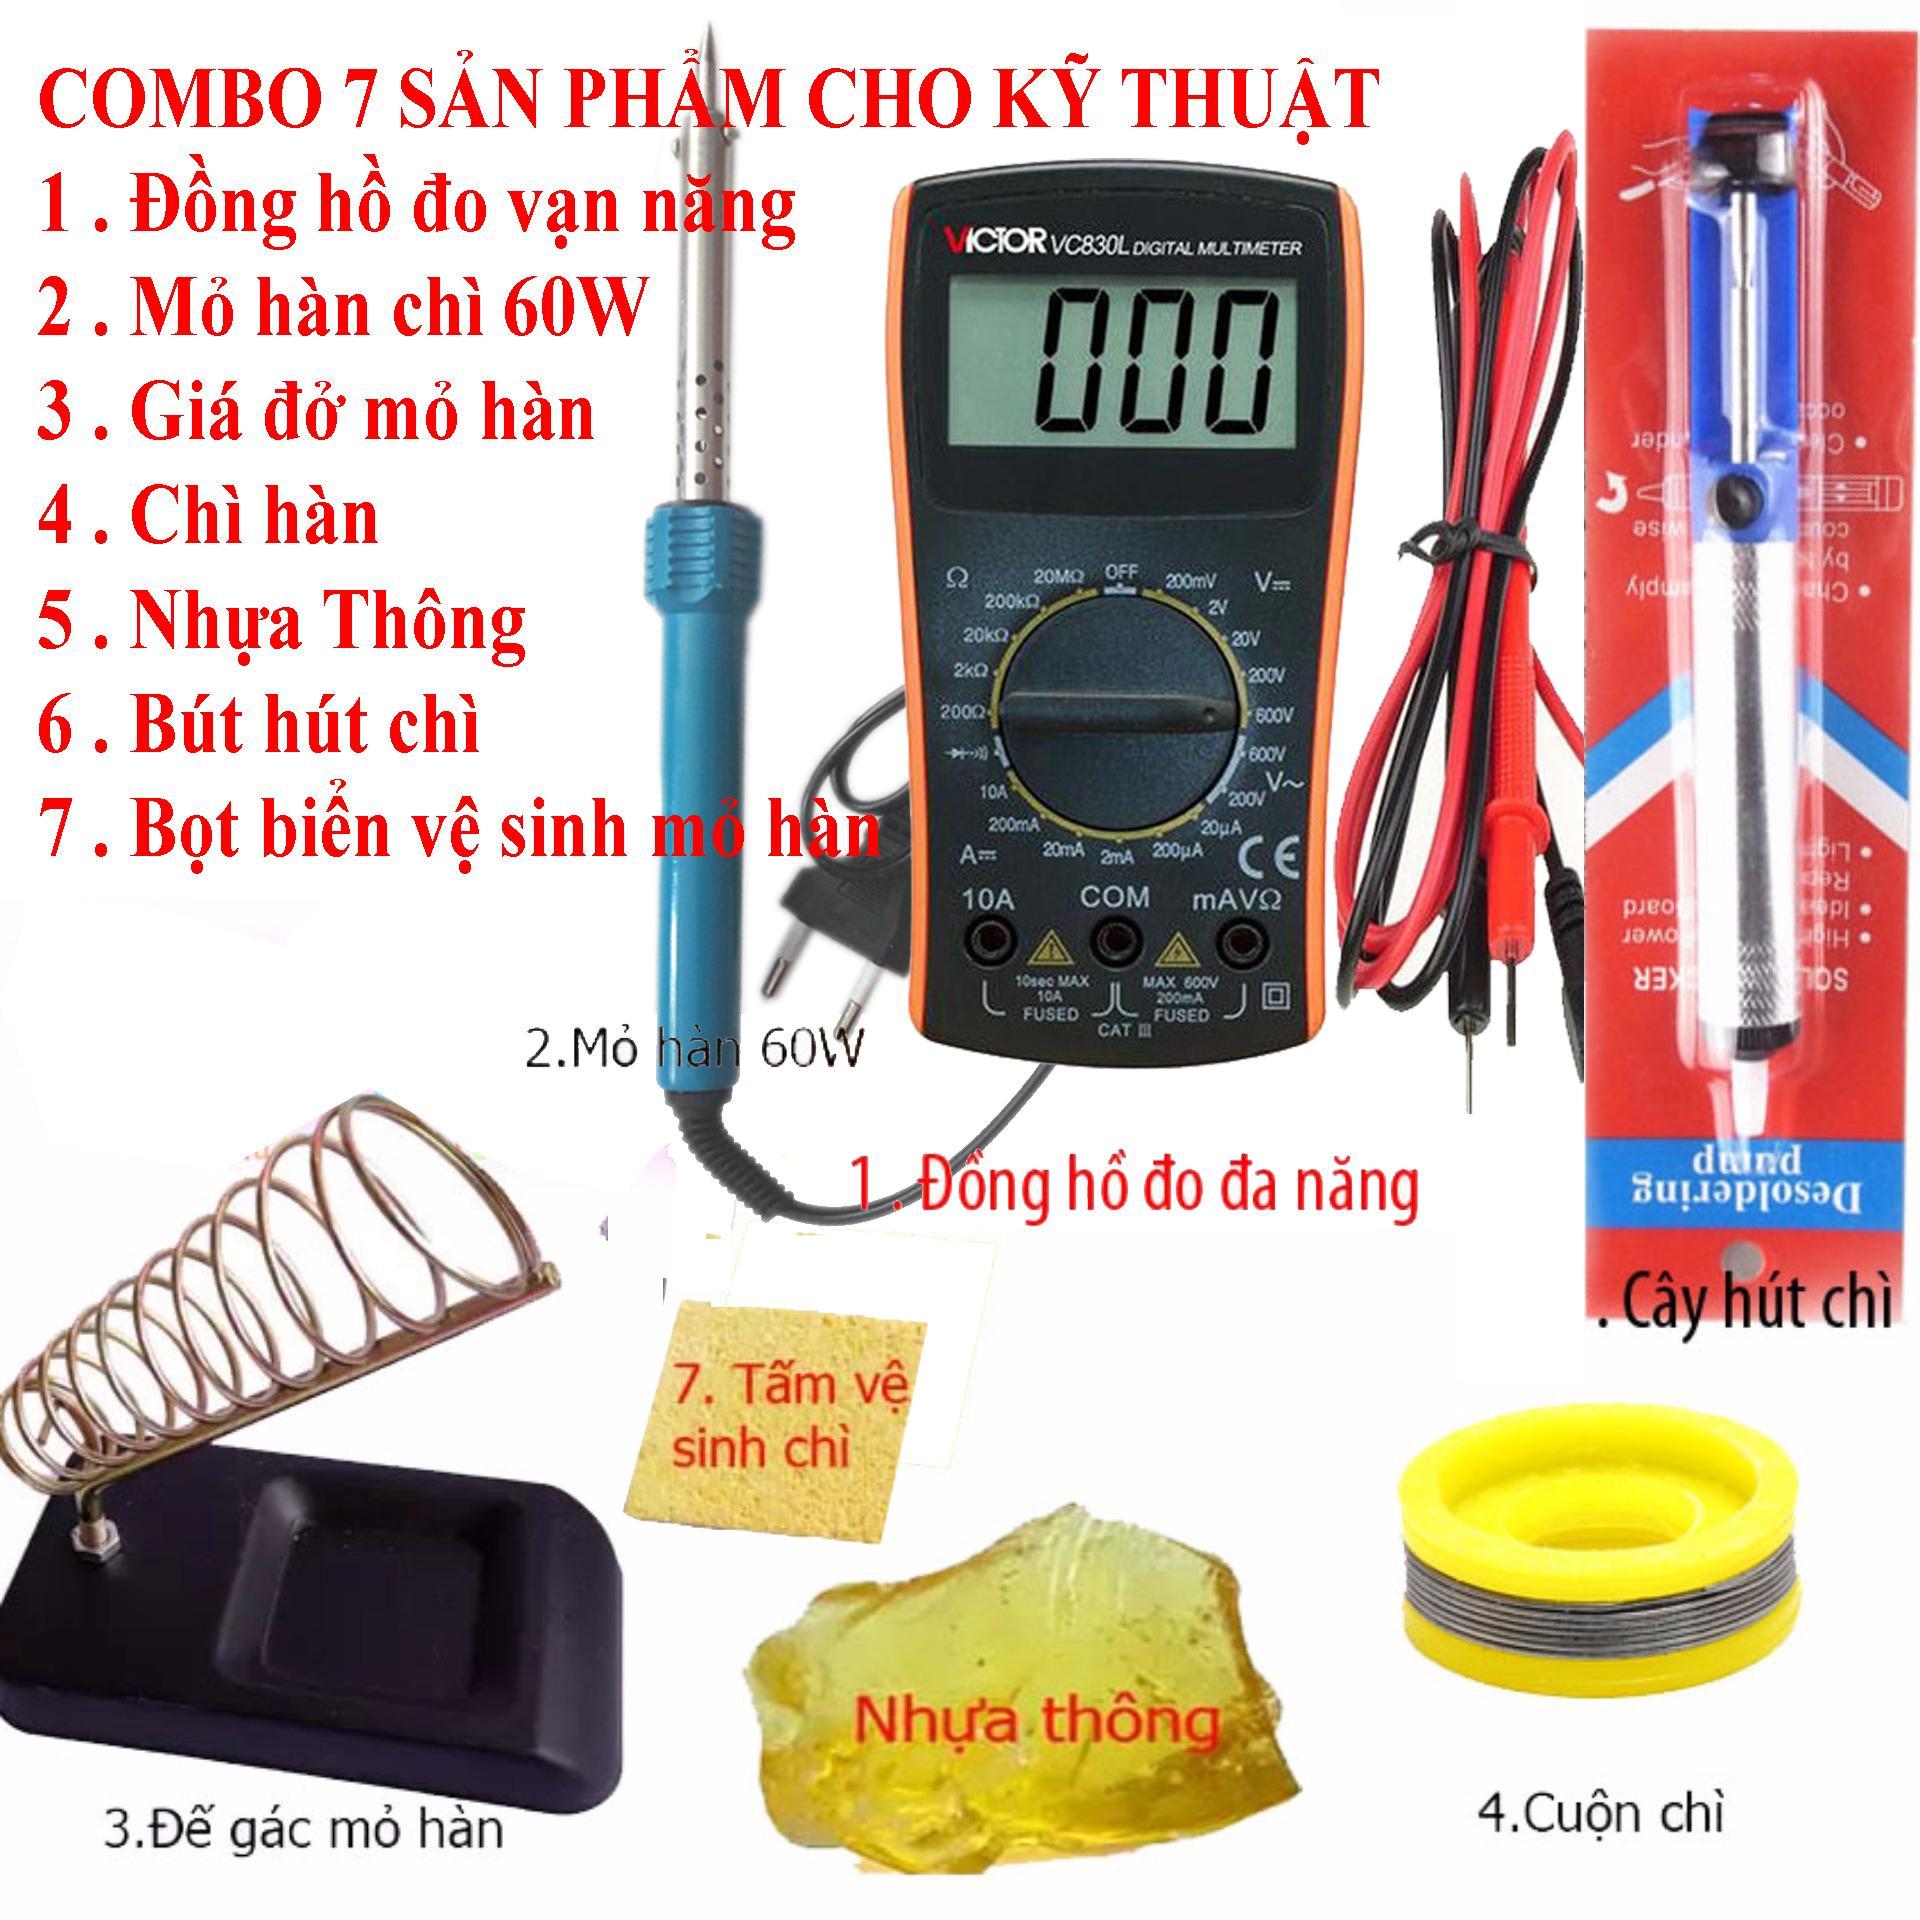 Thiết bị dụng cụ đo điện điện tử Victor VC830L và 6 món kỹ thuật hàn